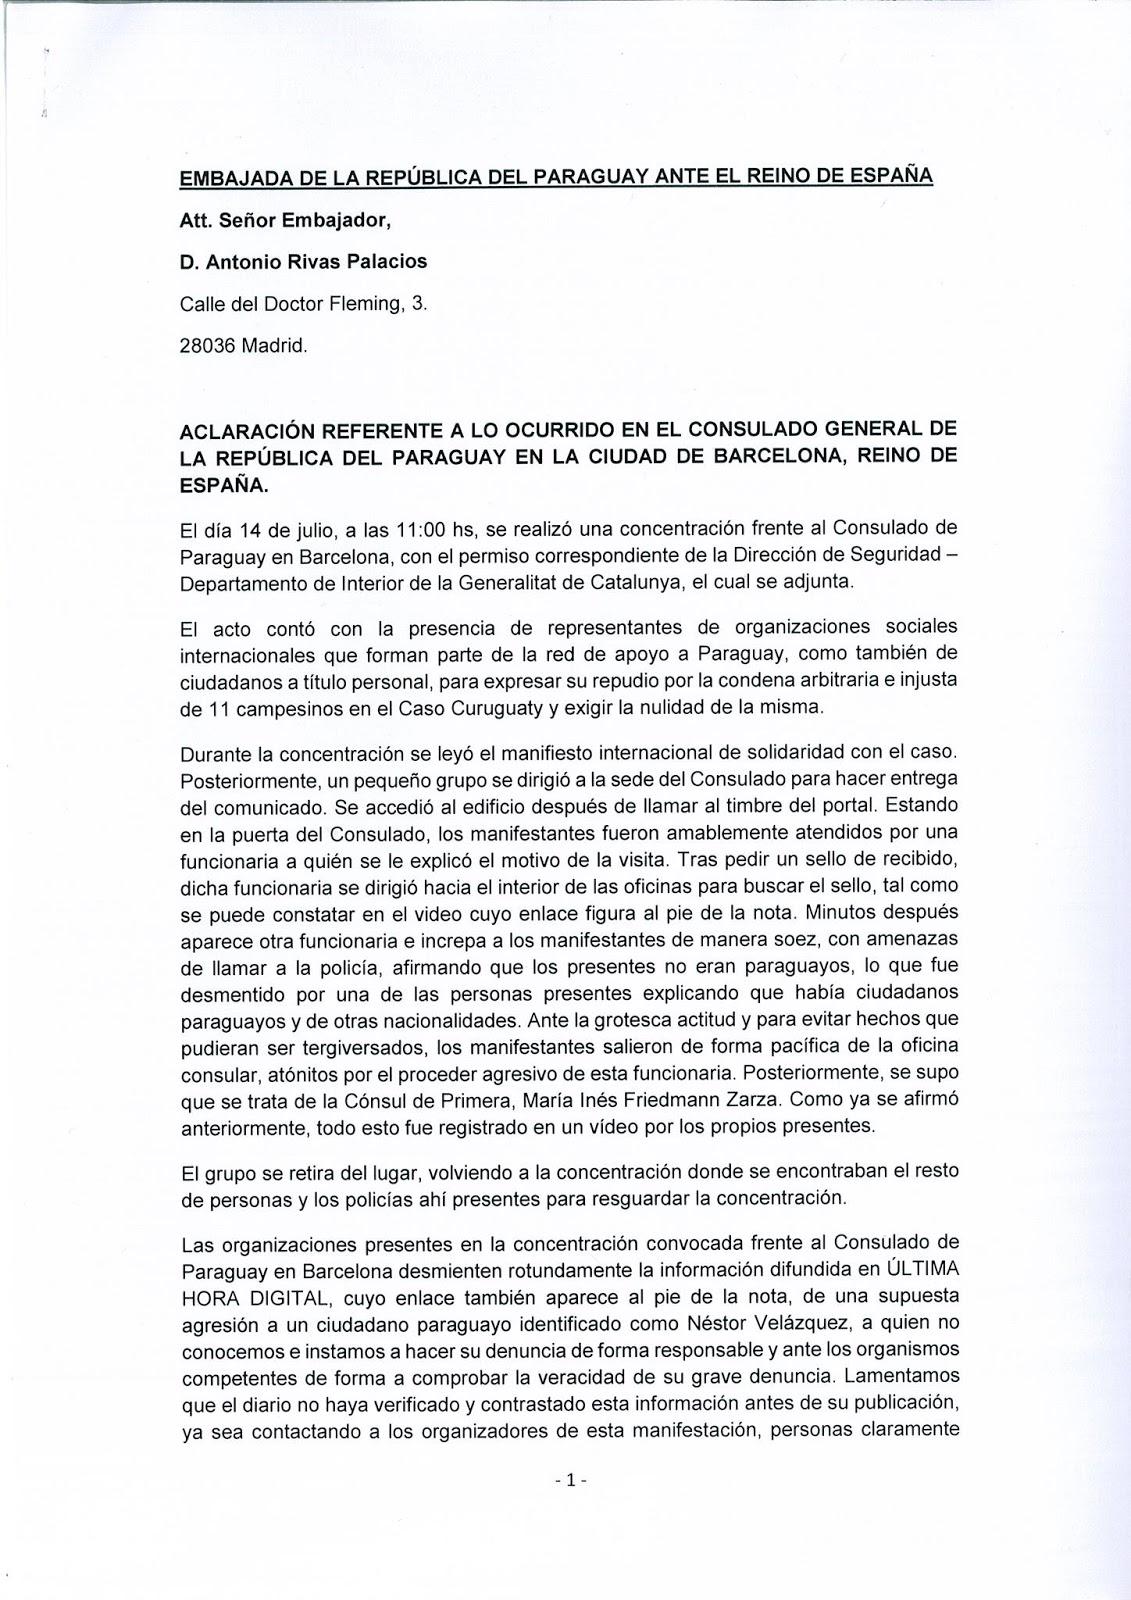 ... el Protocolo de la Convención de Viena sobre Relaciones Consulares y la  Ley 1335 99 del Servicio Diplomático y Consular de la República del  Paraguay. 5c3da161f48